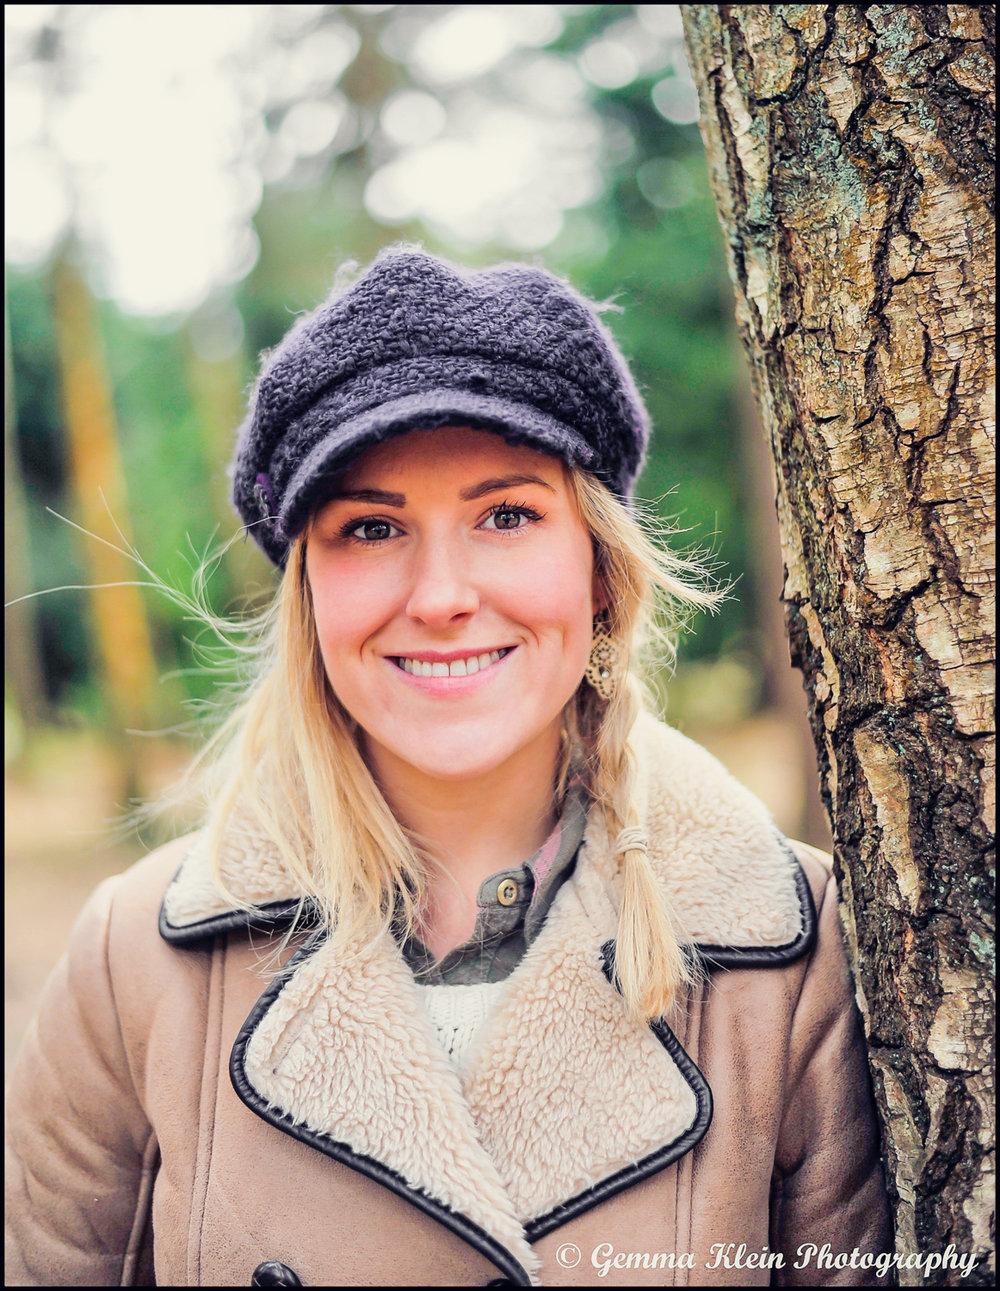 Gemma Klein  Gemma Klein Photography